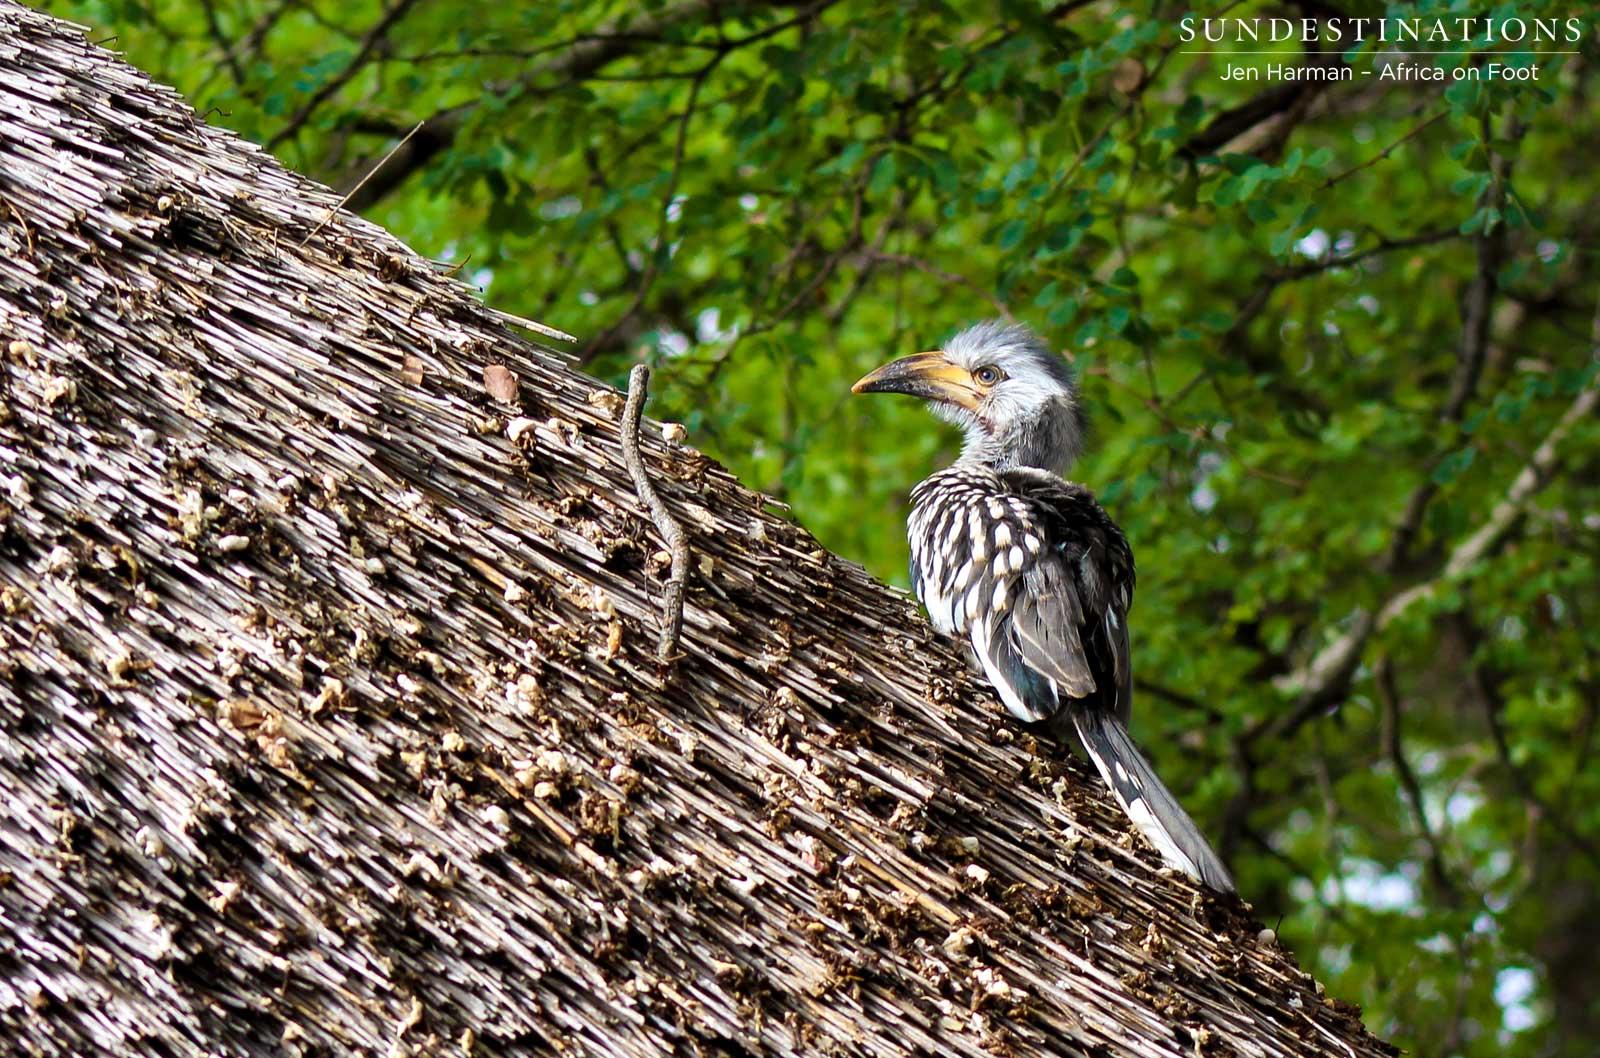 Hornbill Chick Flees the Nest